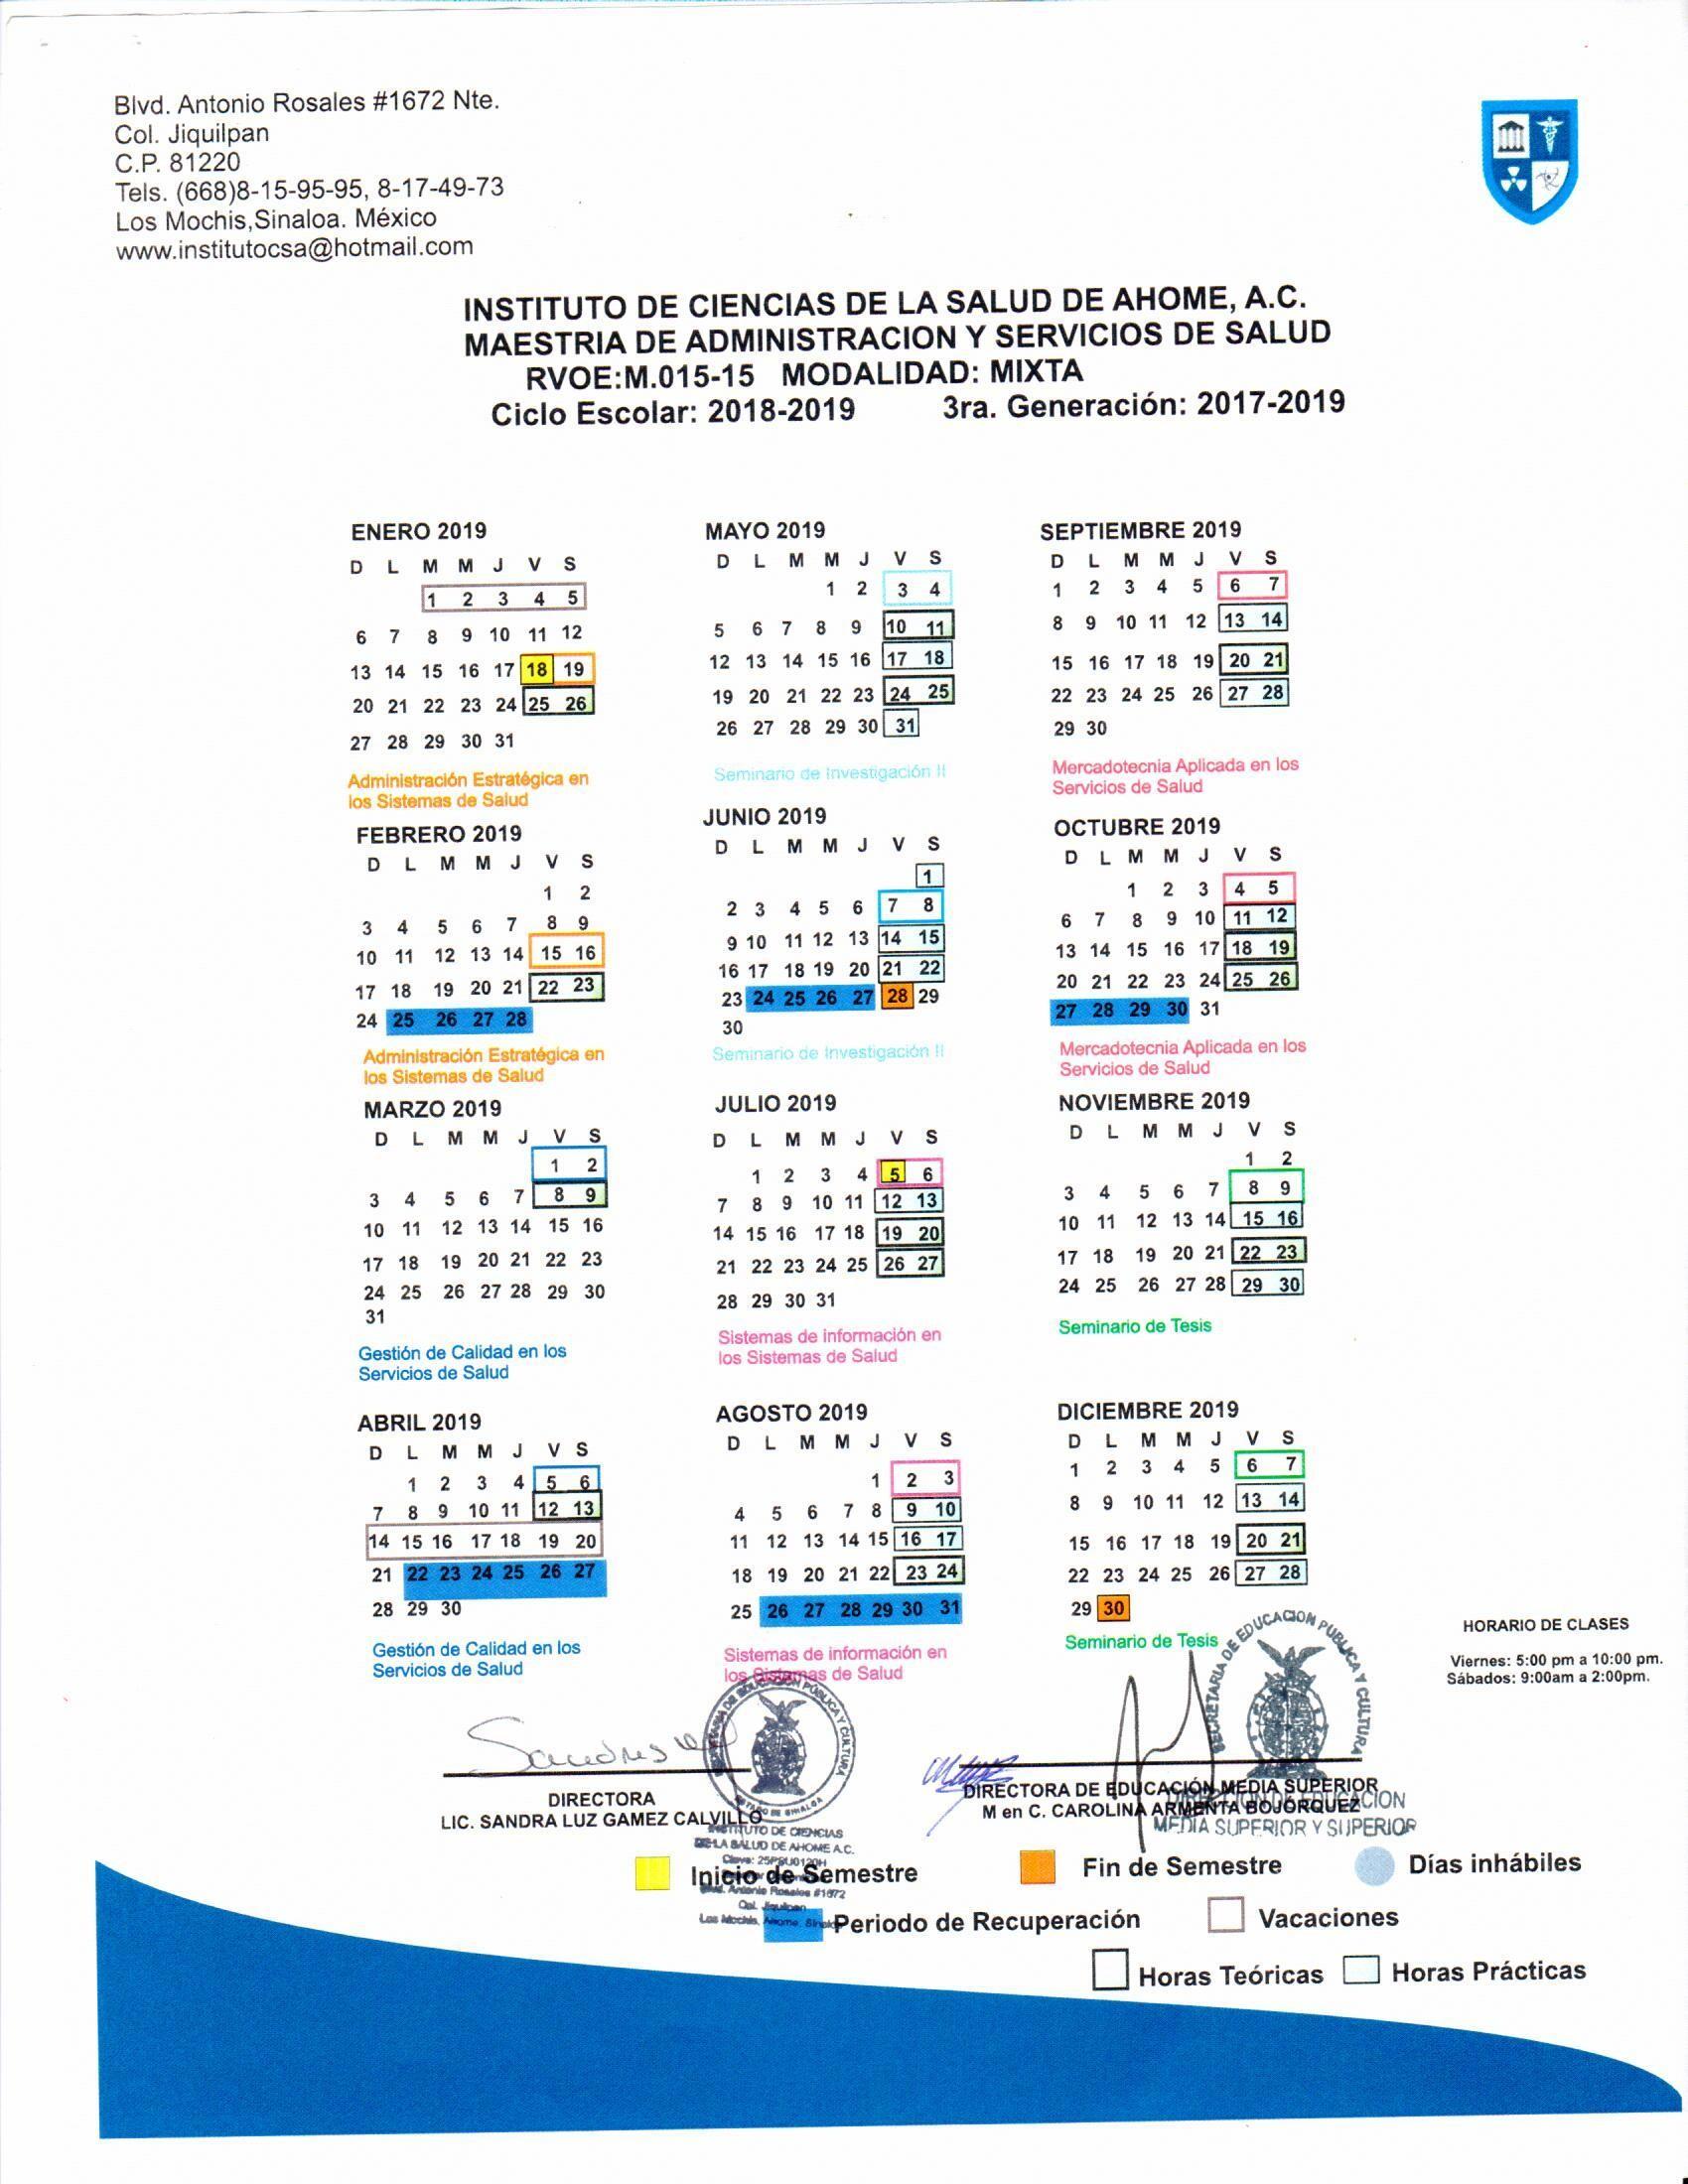 Generaci³n 2017 2019 Calendario Semestre 1 y 2 Calendario